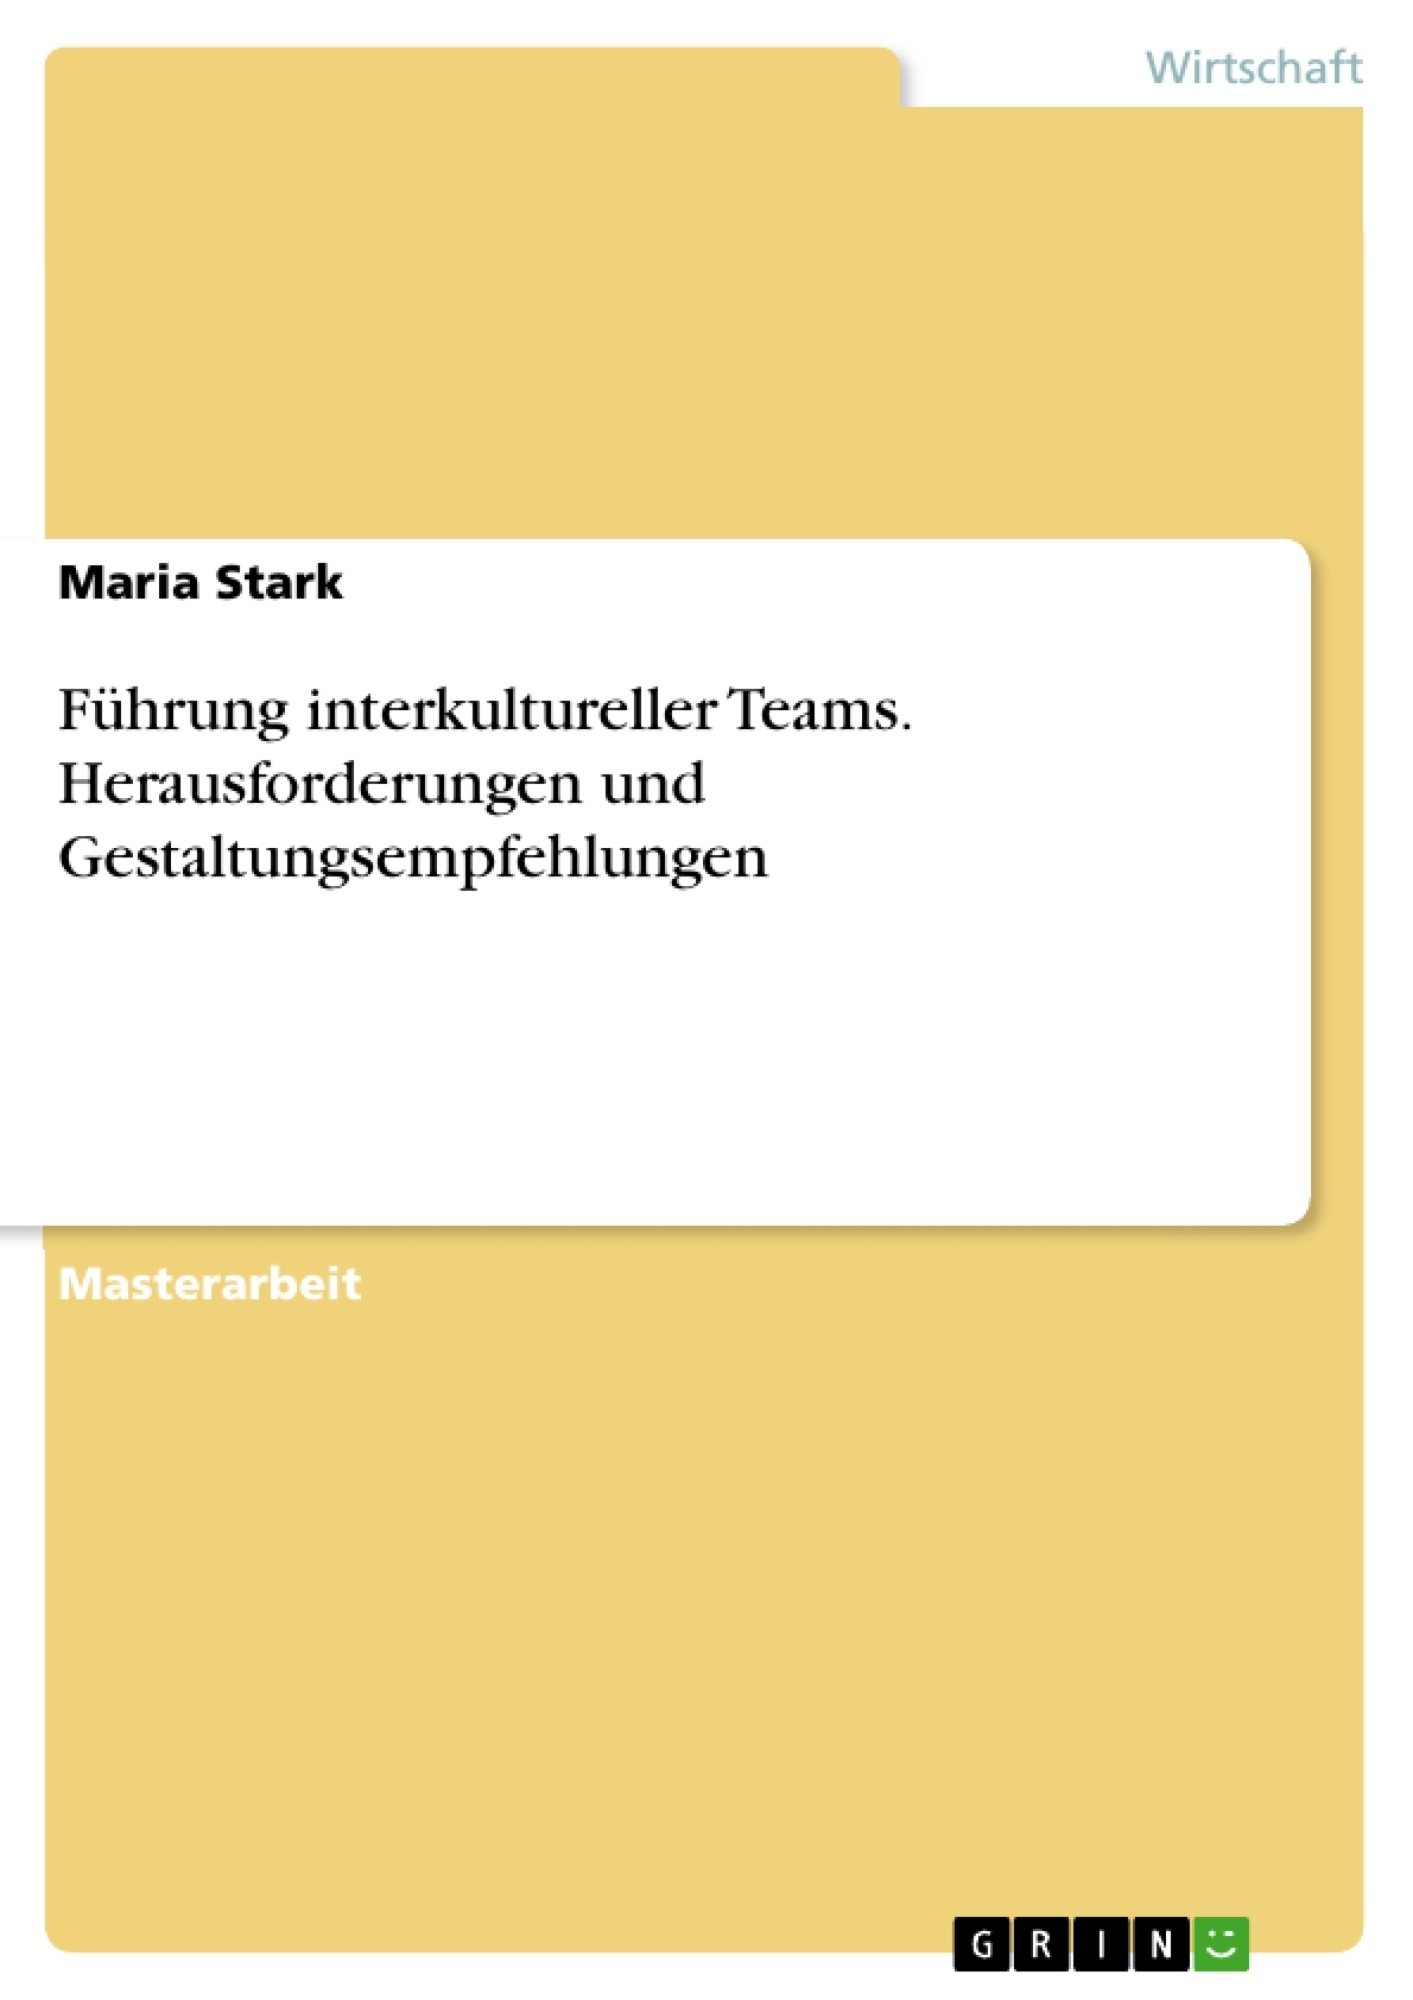 Titel: Führung interkultureller Teams. Herausforderungen und Gestaltungsempfehlungen